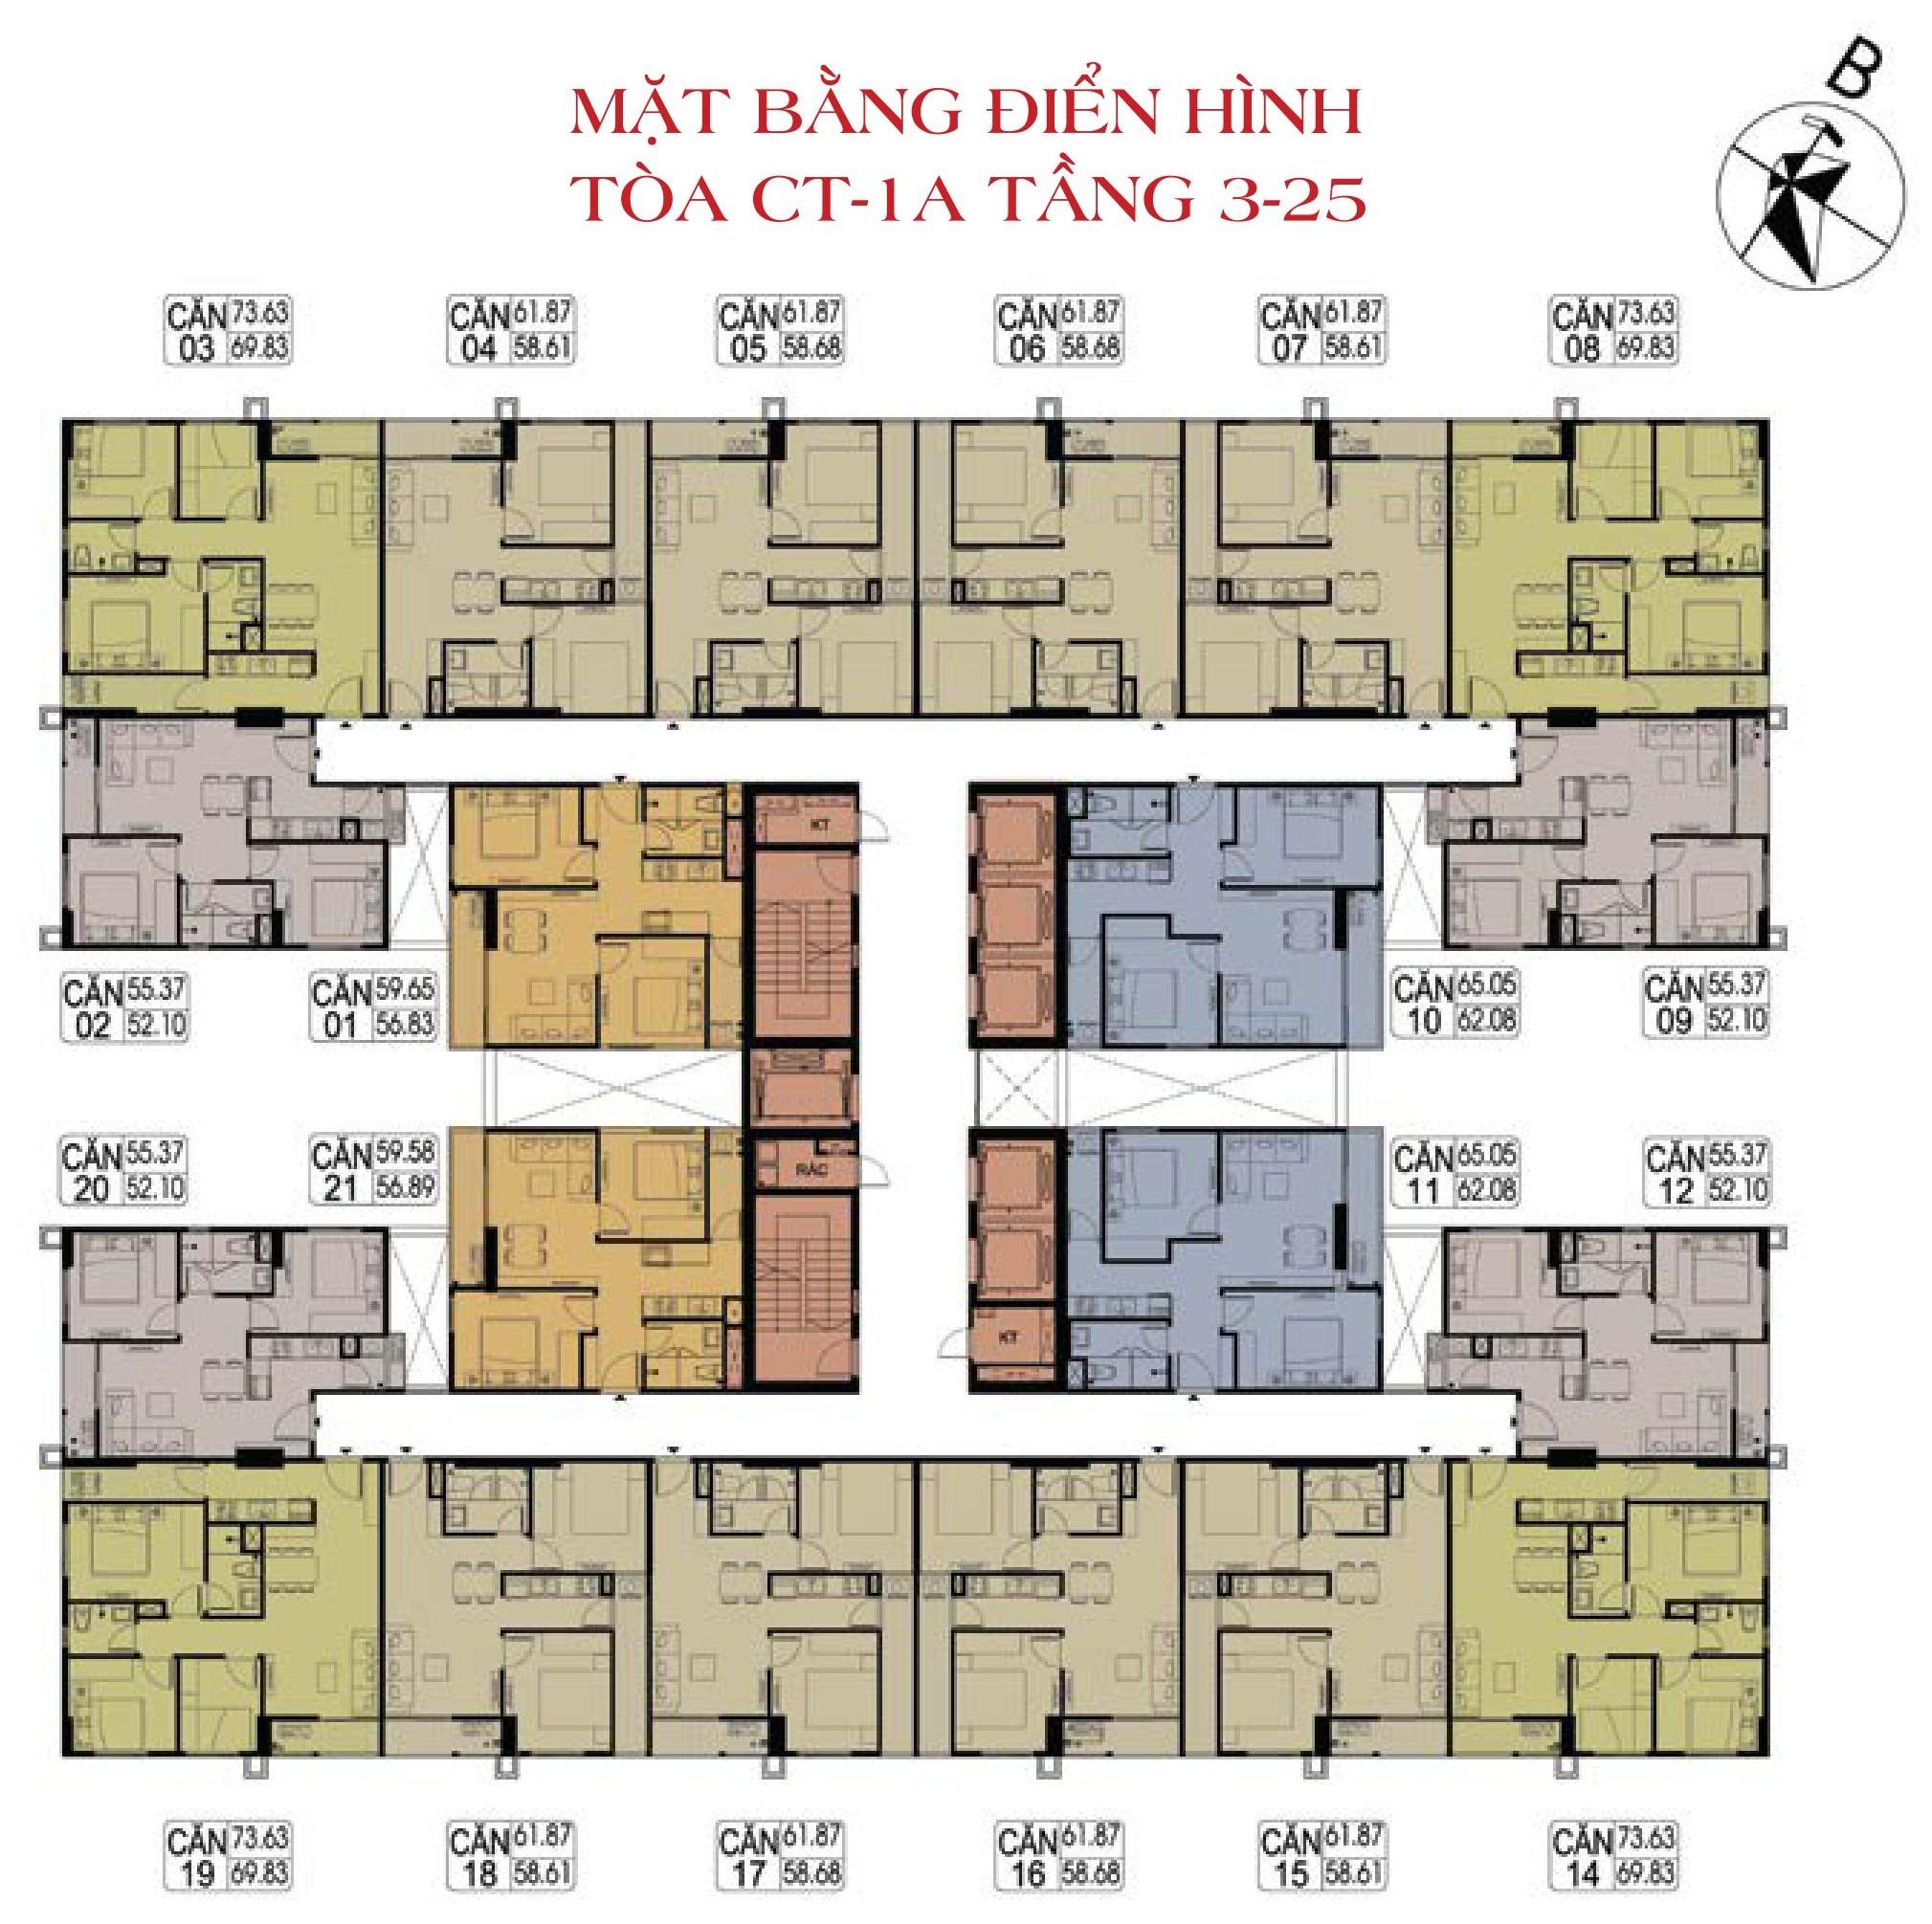 mat-bang-toa-ct1a-chung-cu-hateco-xuan-phuong